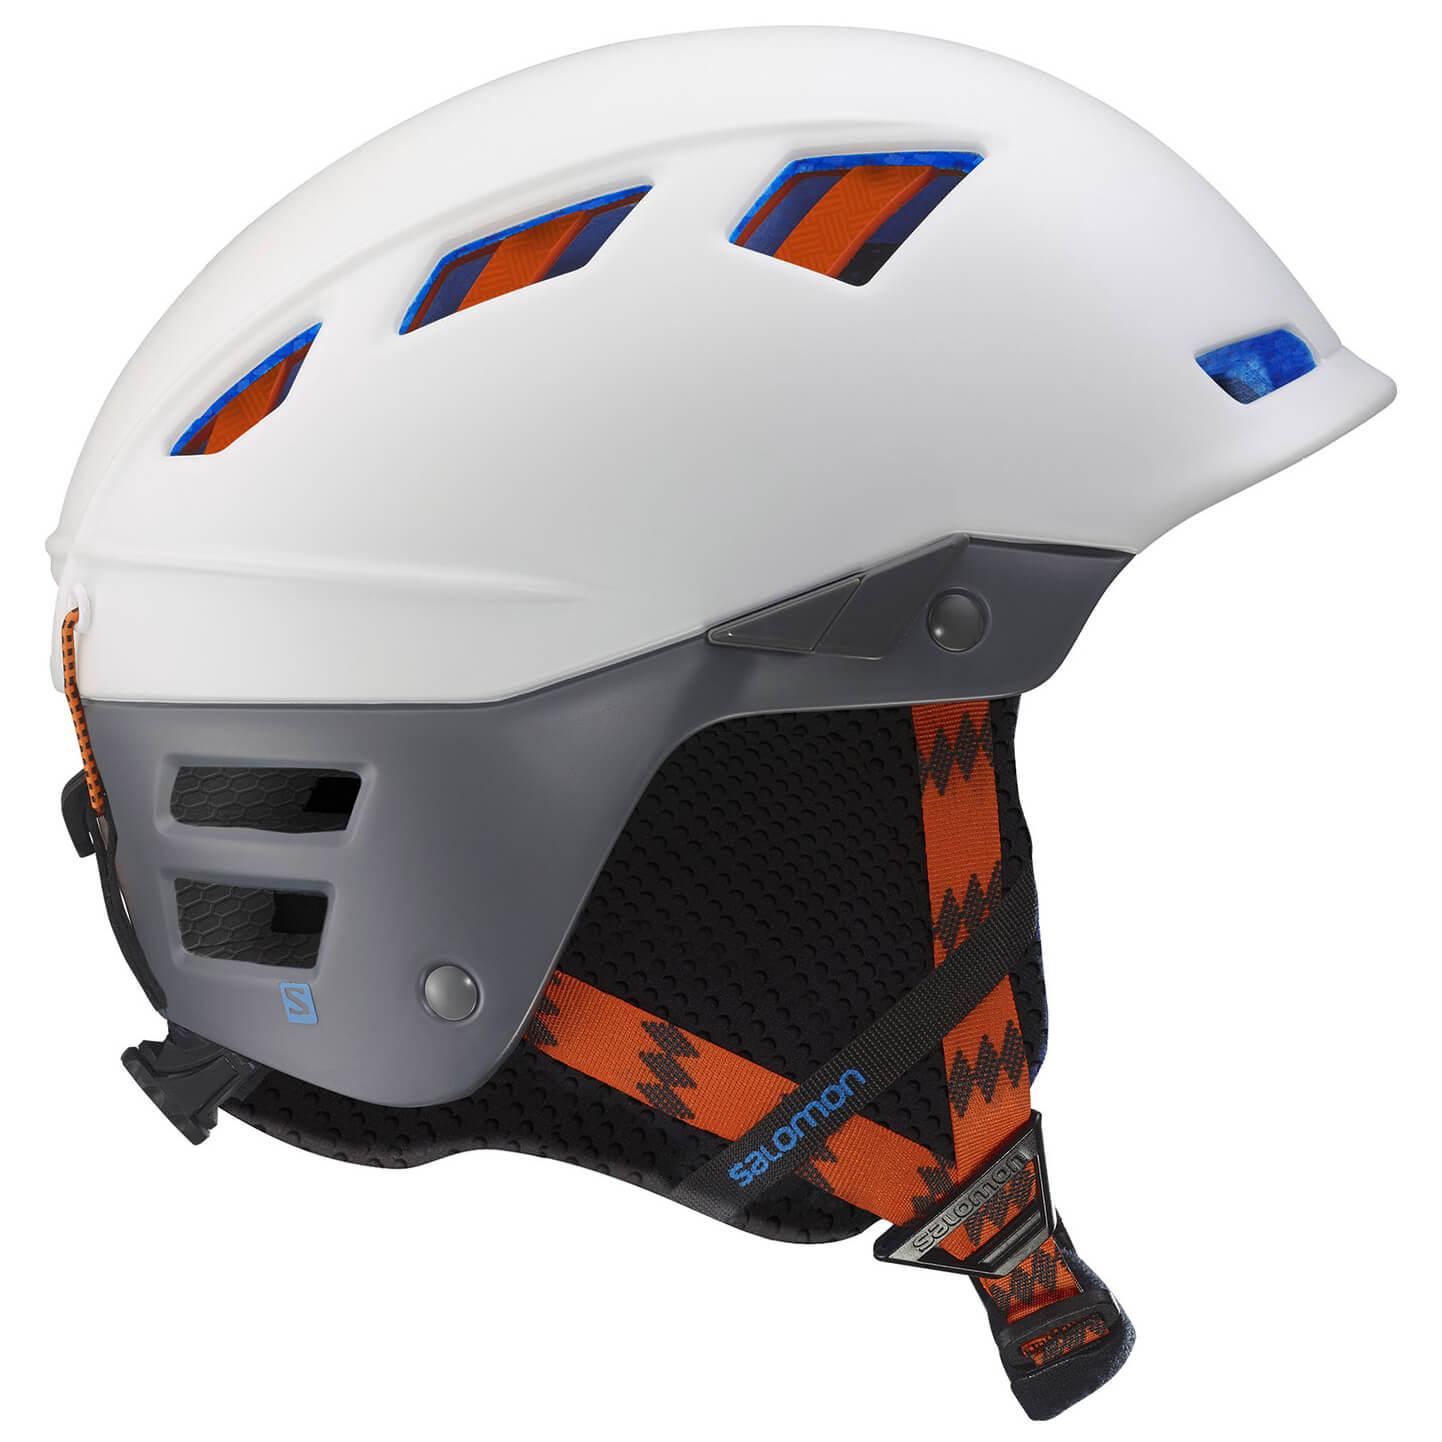 salomon mtn lab casque de ski acheter en ligne sans frais de livraison. Black Bedroom Furniture Sets. Home Design Ideas